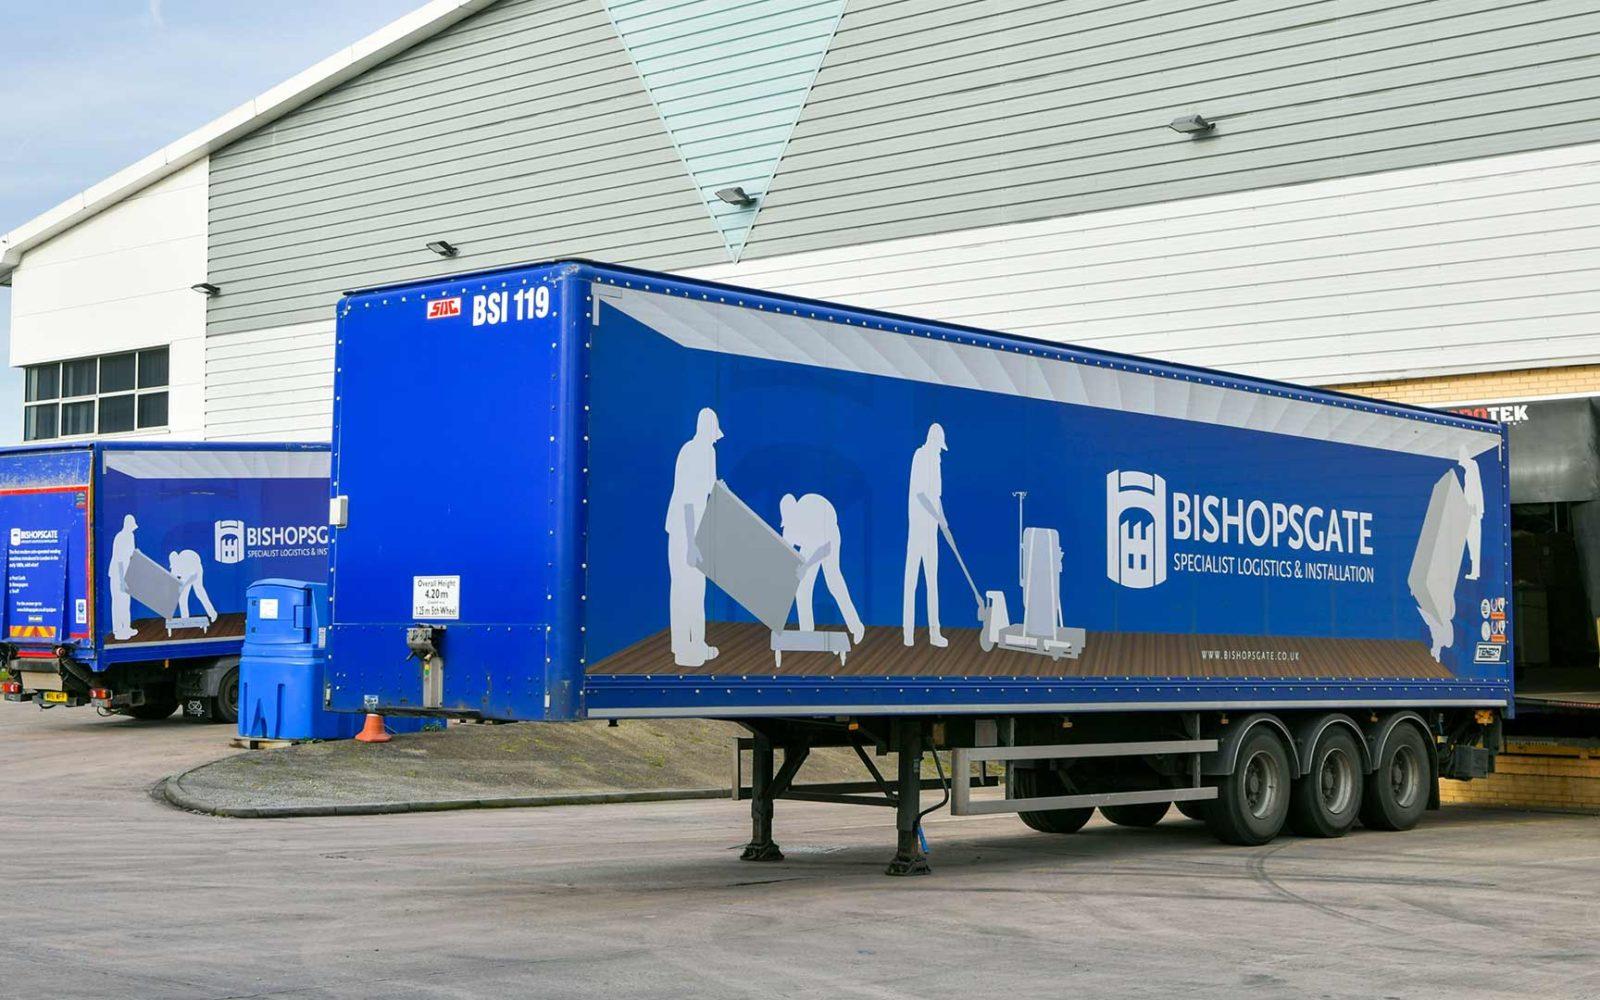 Bishopsgate-lorry